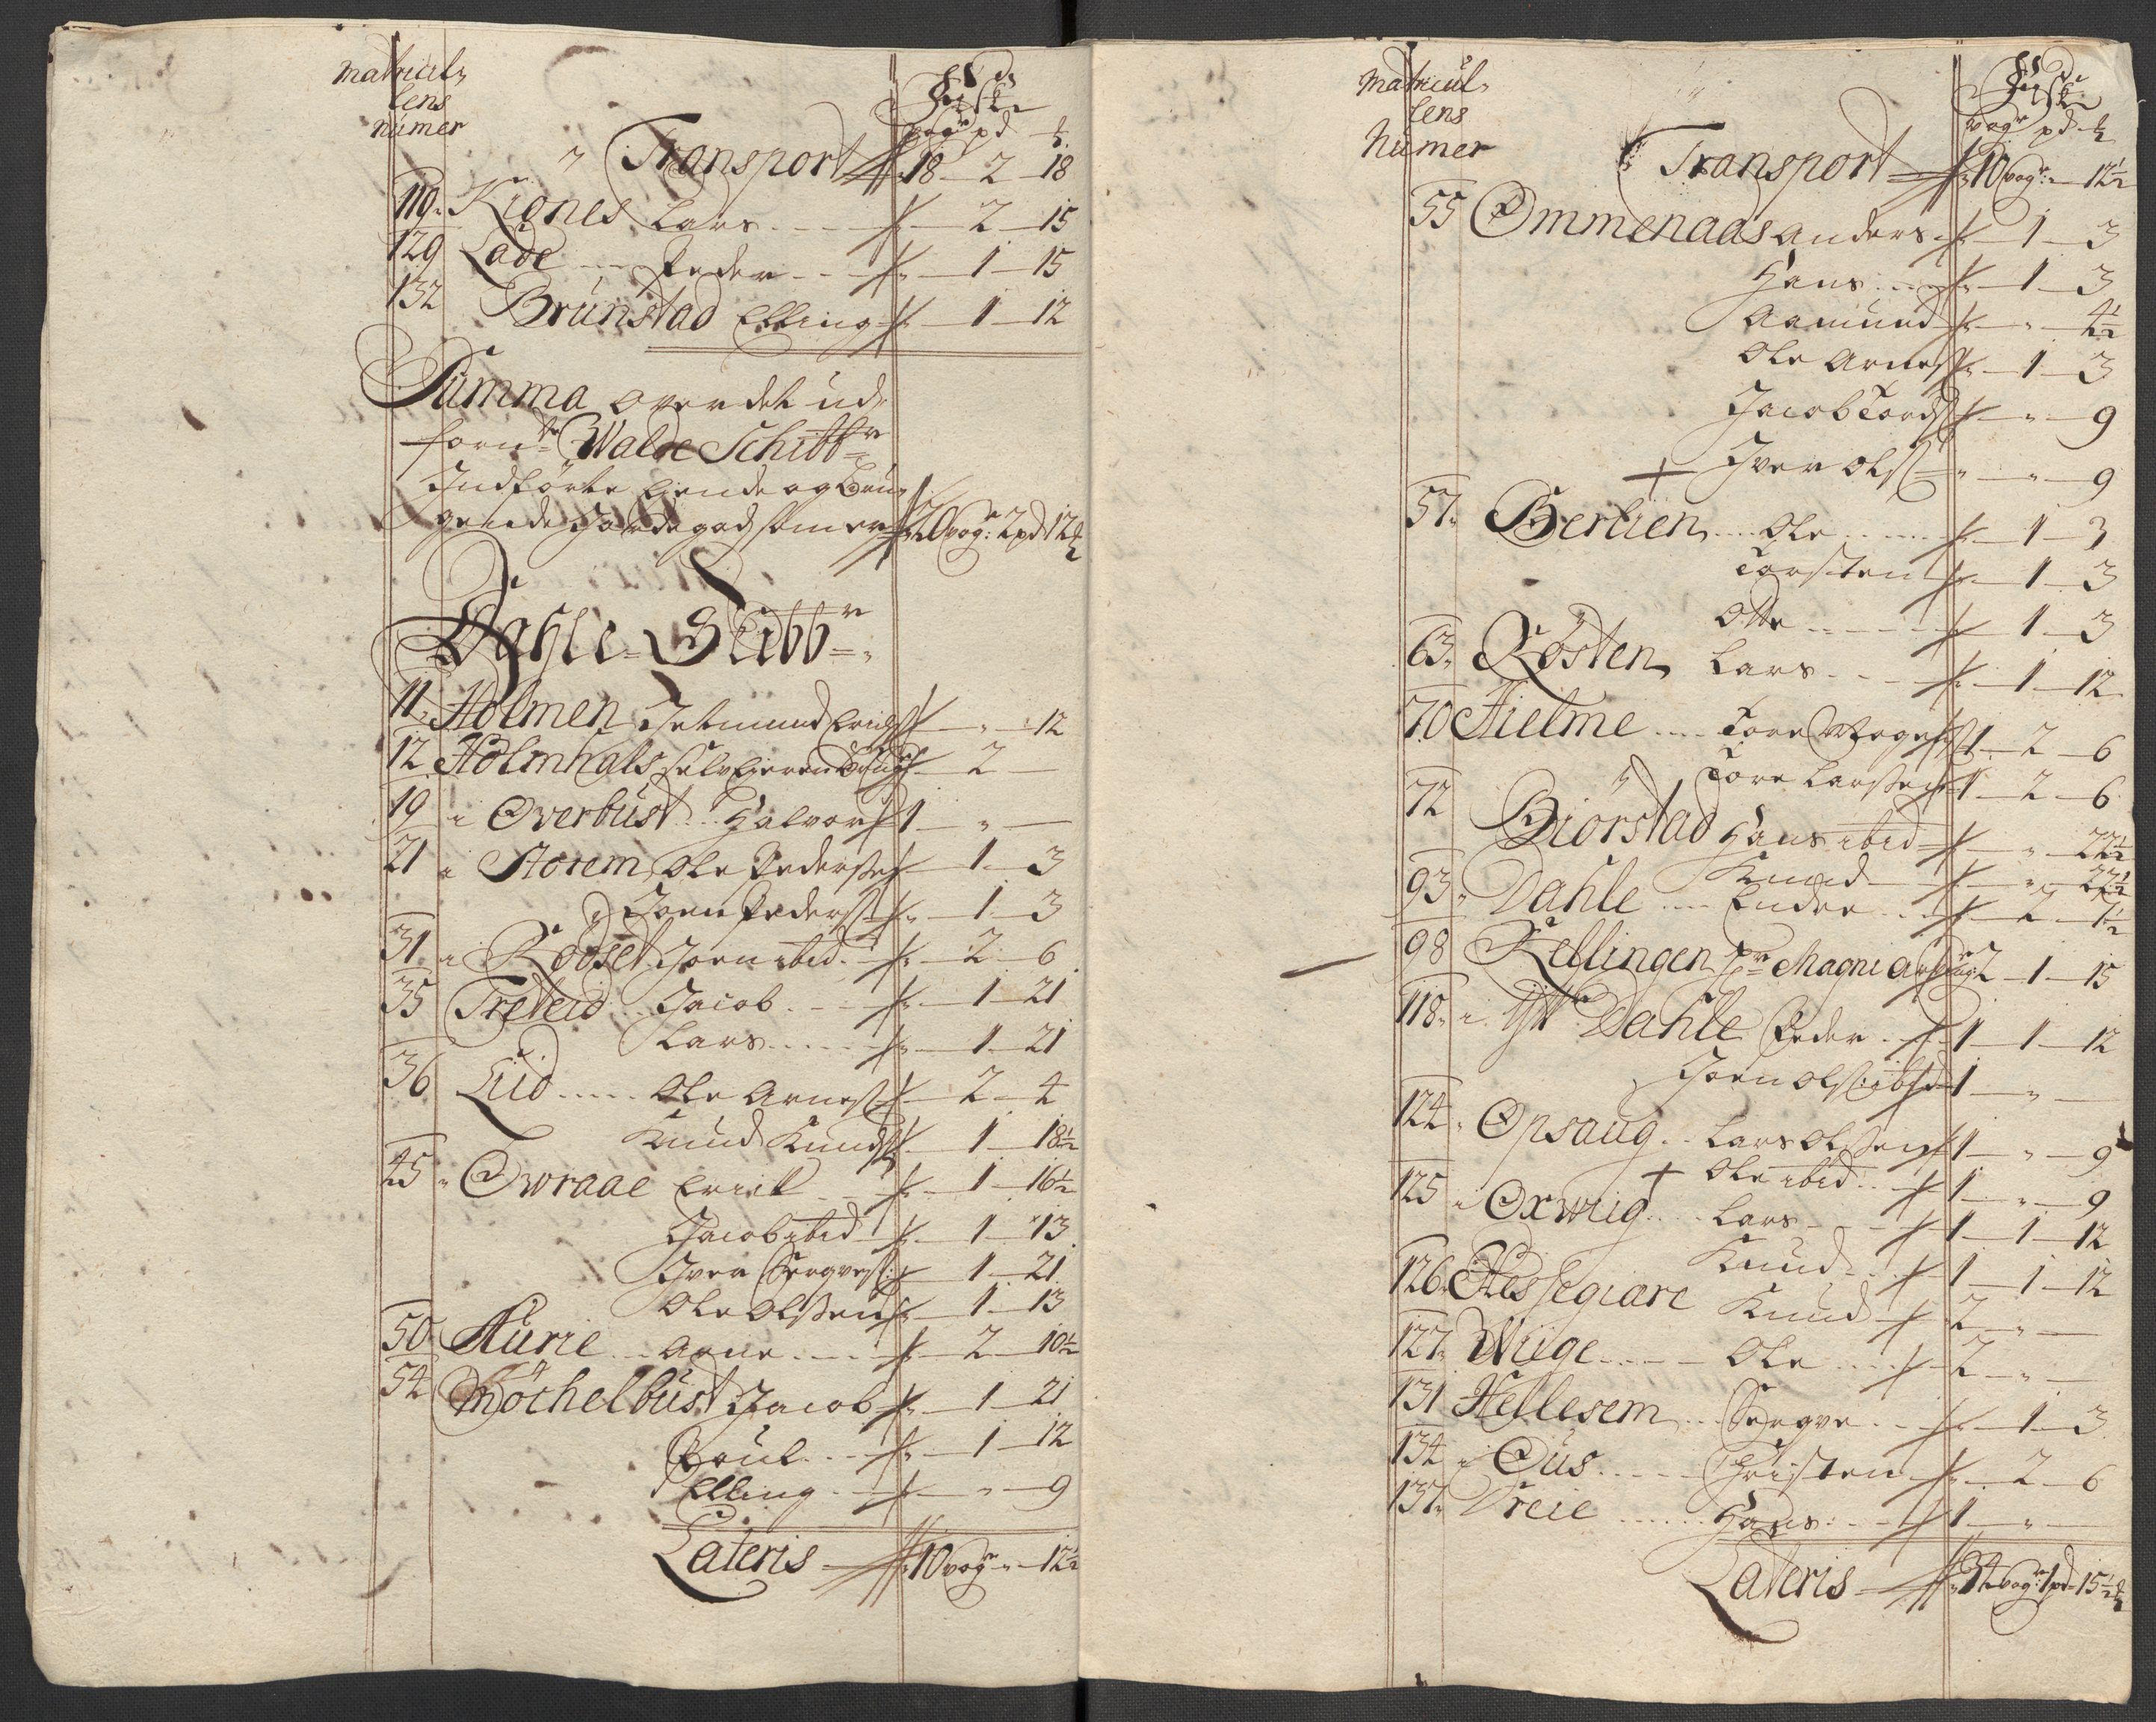 RA, Rentekammeret inntil 1814, Reviderte regnskaper, Fogderegnskap, R54/L3568: Fogderegnskap Sunnmøre, 1716, s. 136